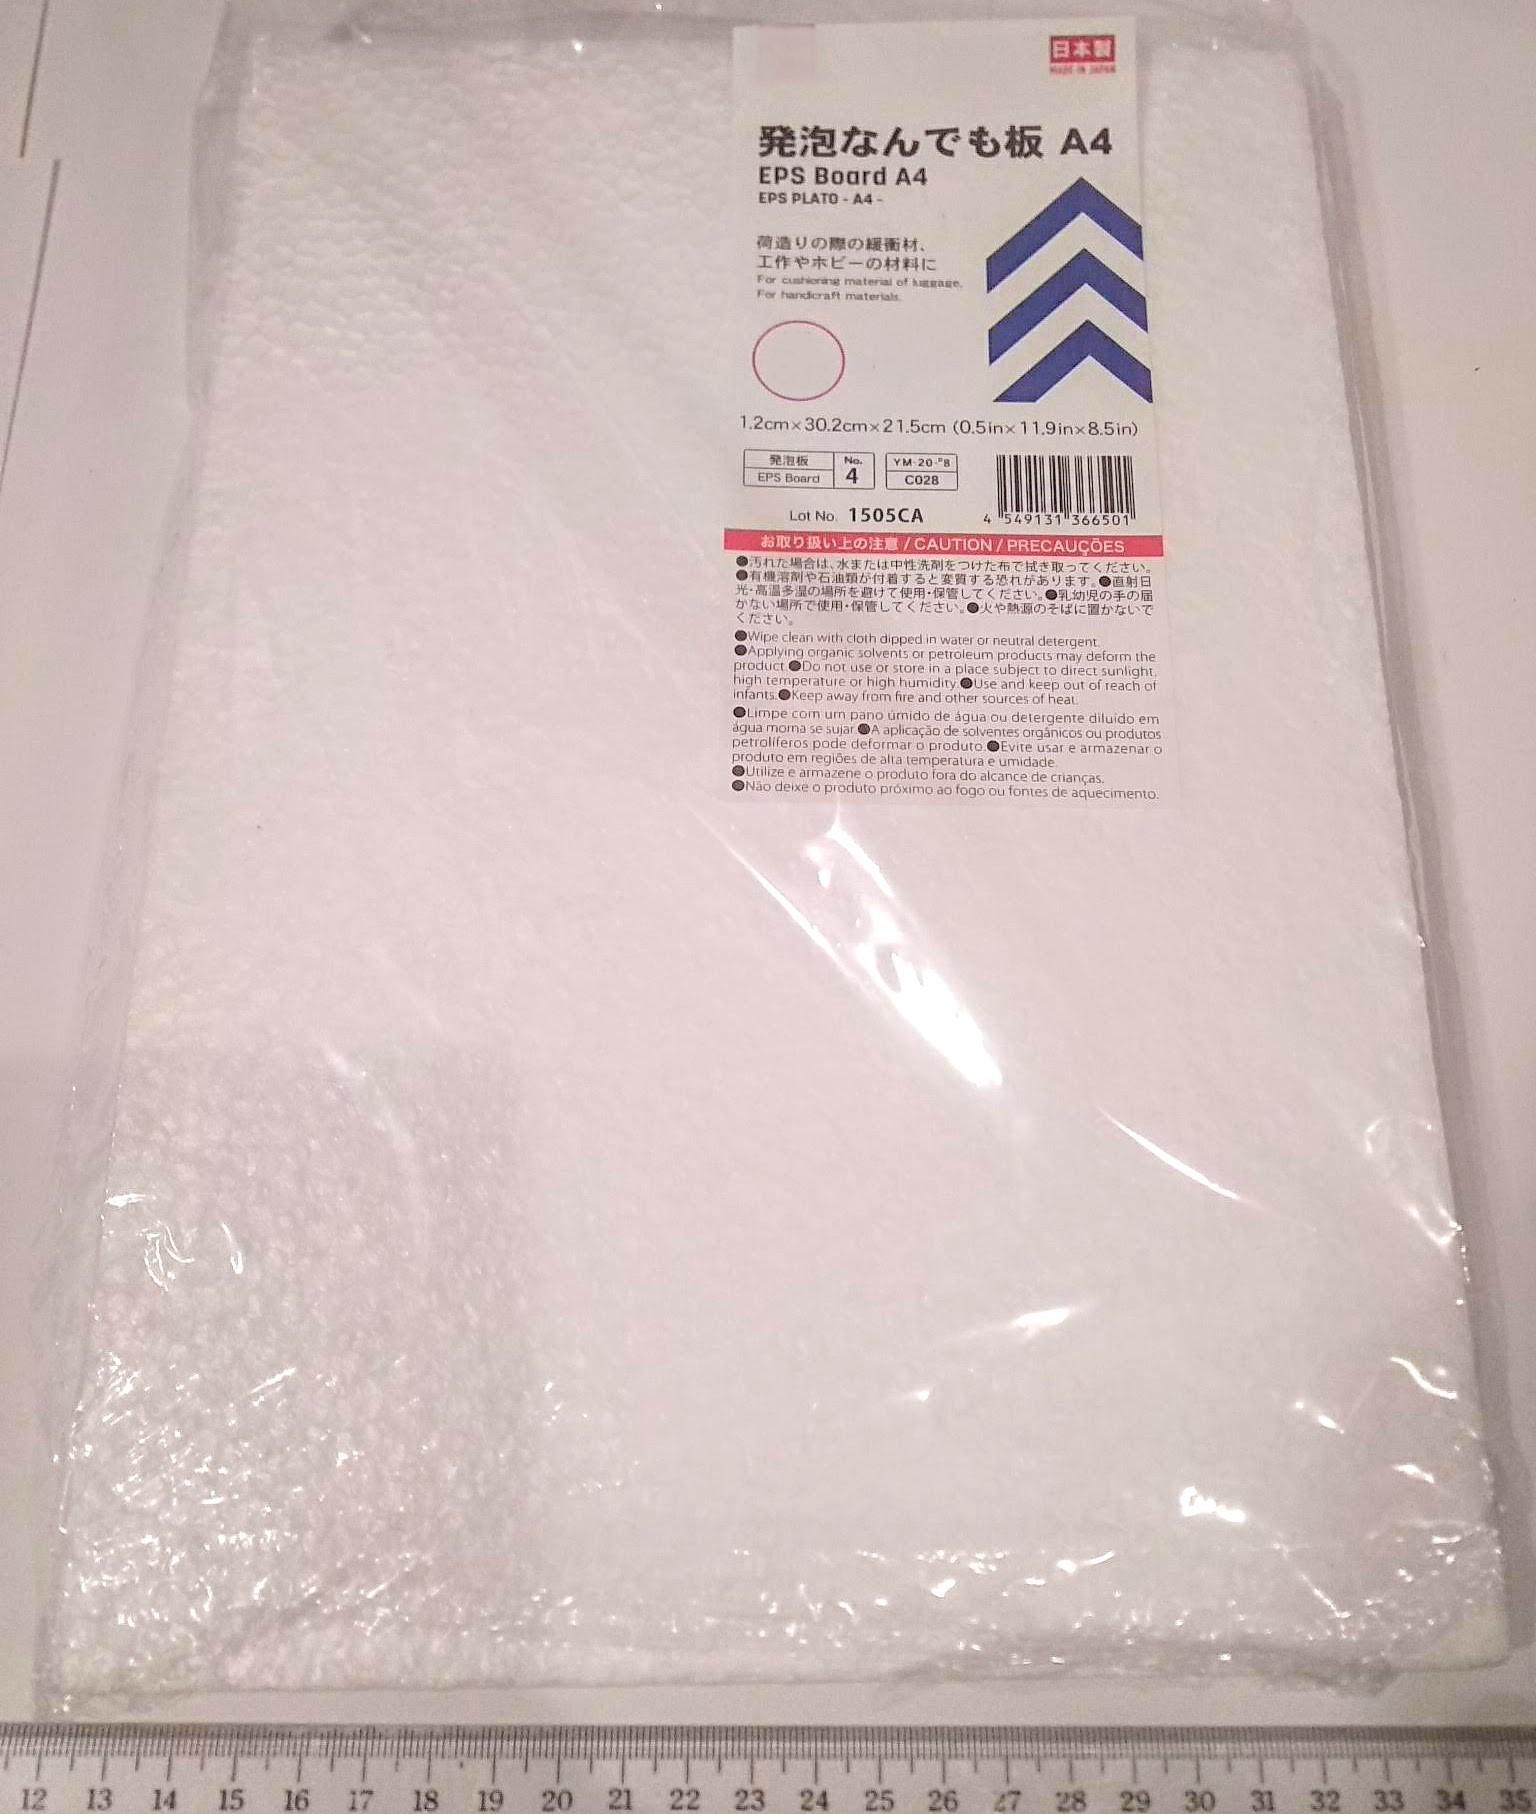 DIYや伝振動板にも 発砲スチロール板 A4サイズ おすすめ 1.2×30.2×21.5cm 1枚 世界の人気ブランド